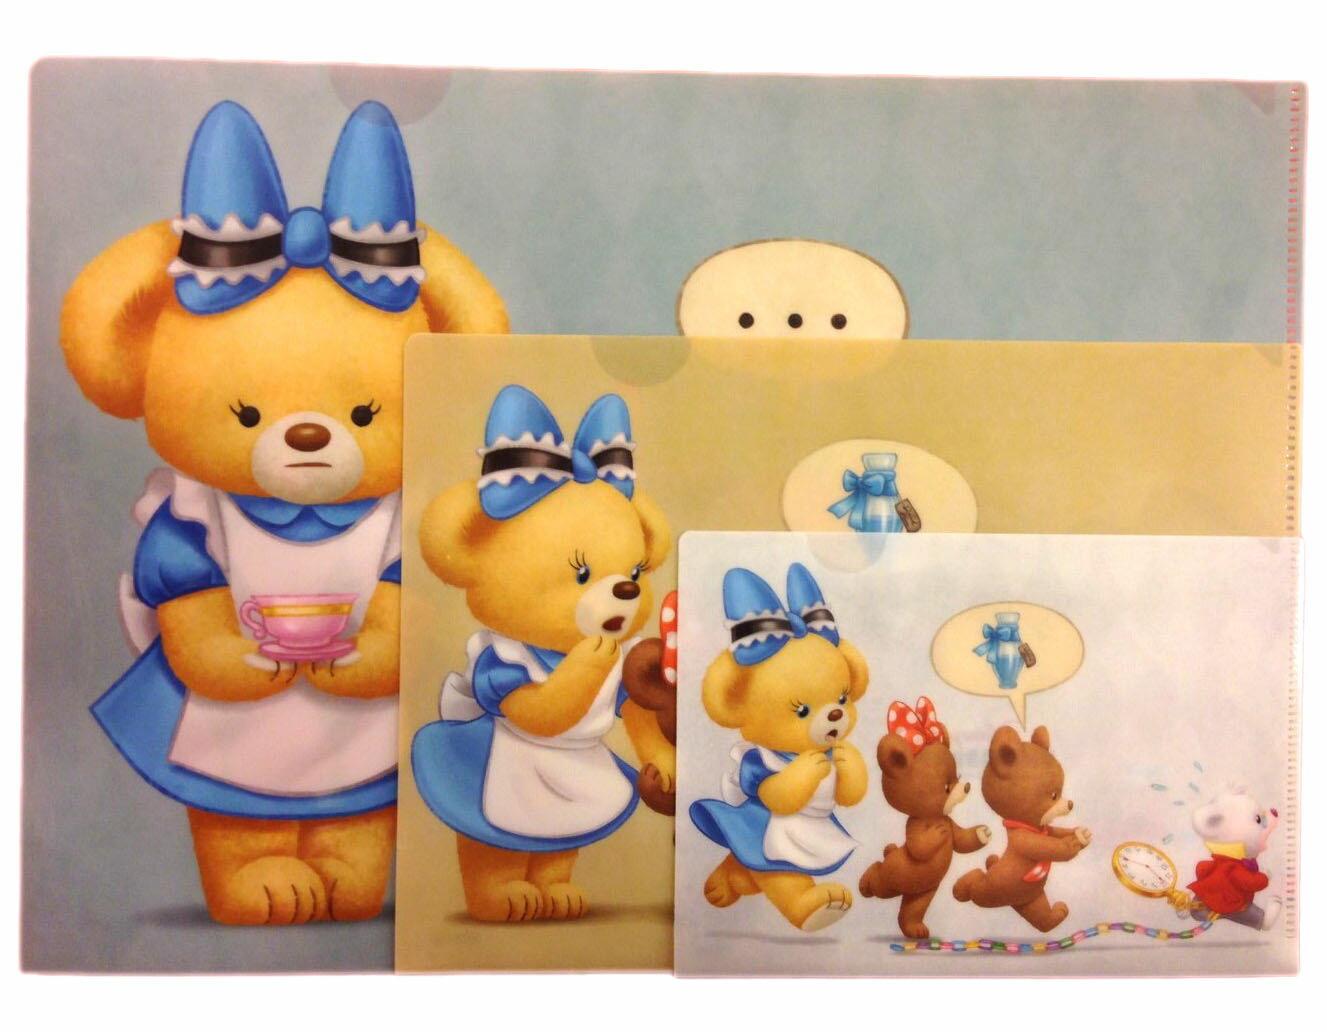 【真愛日本】 16070800059專賣店資料夾3入-大學熊變裝艾莉絲藍  迪士尼專賣店限定 資料夾 文件夾 文具用品